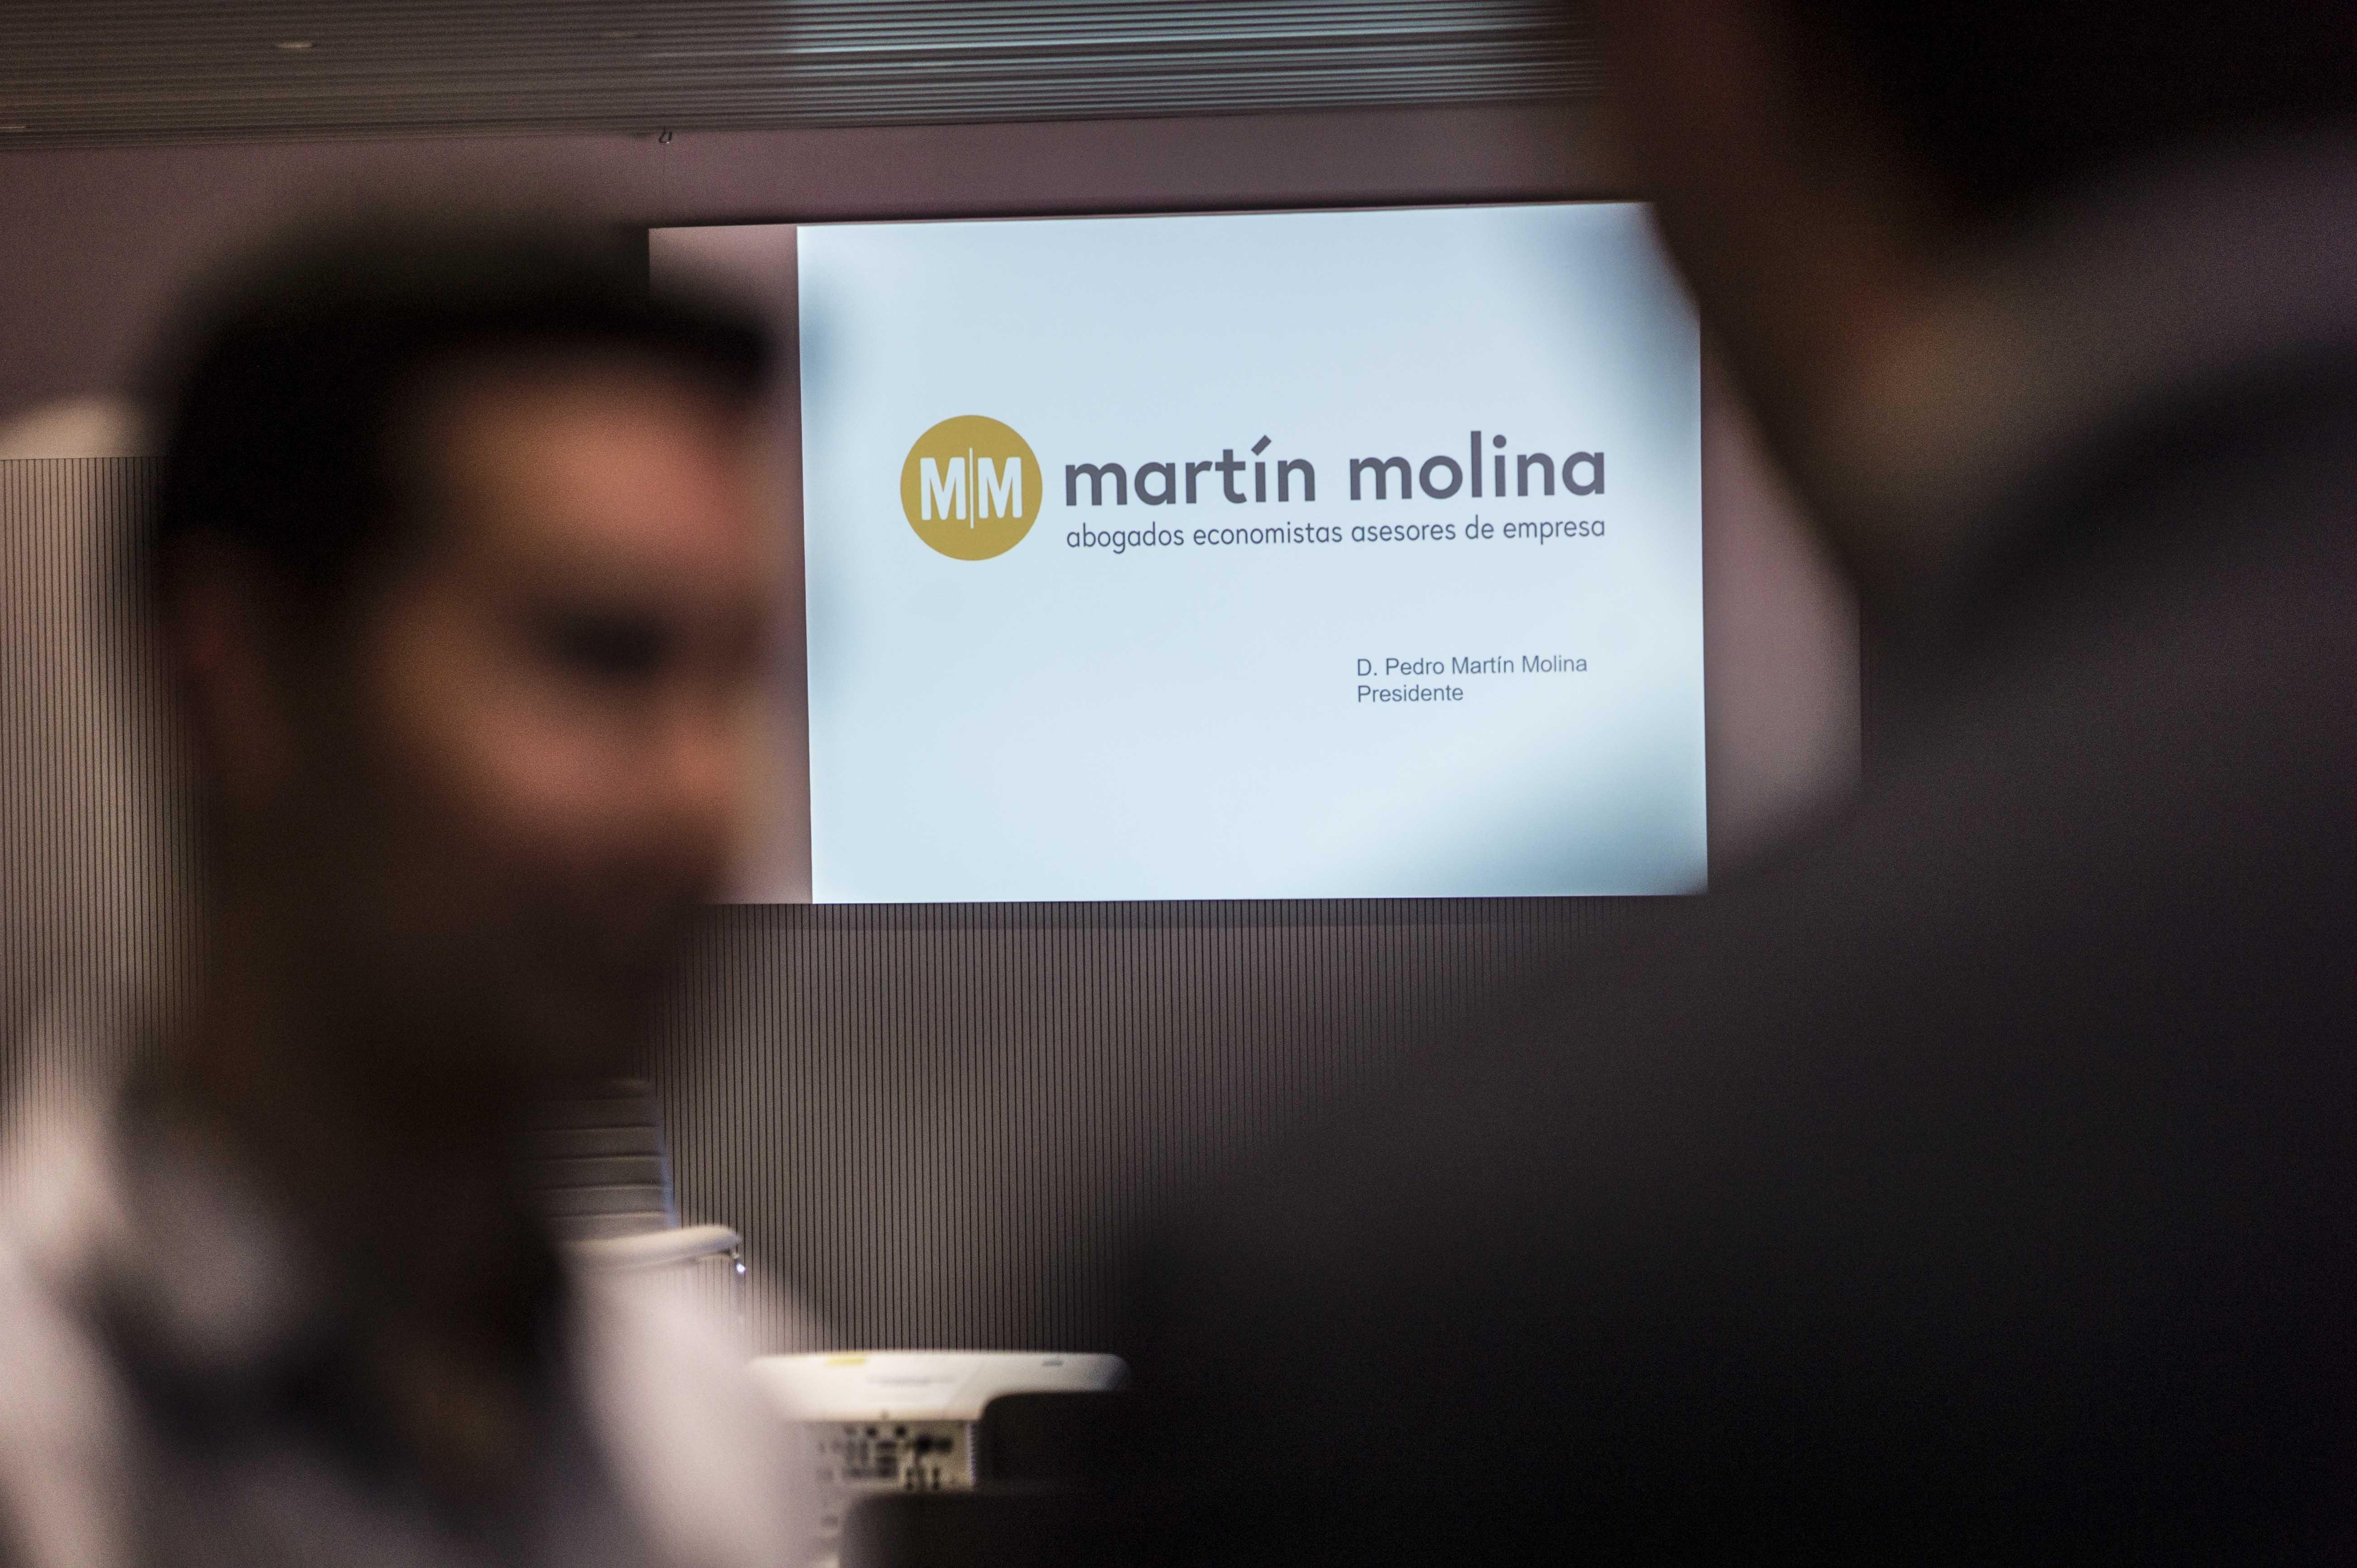 Martín Molina